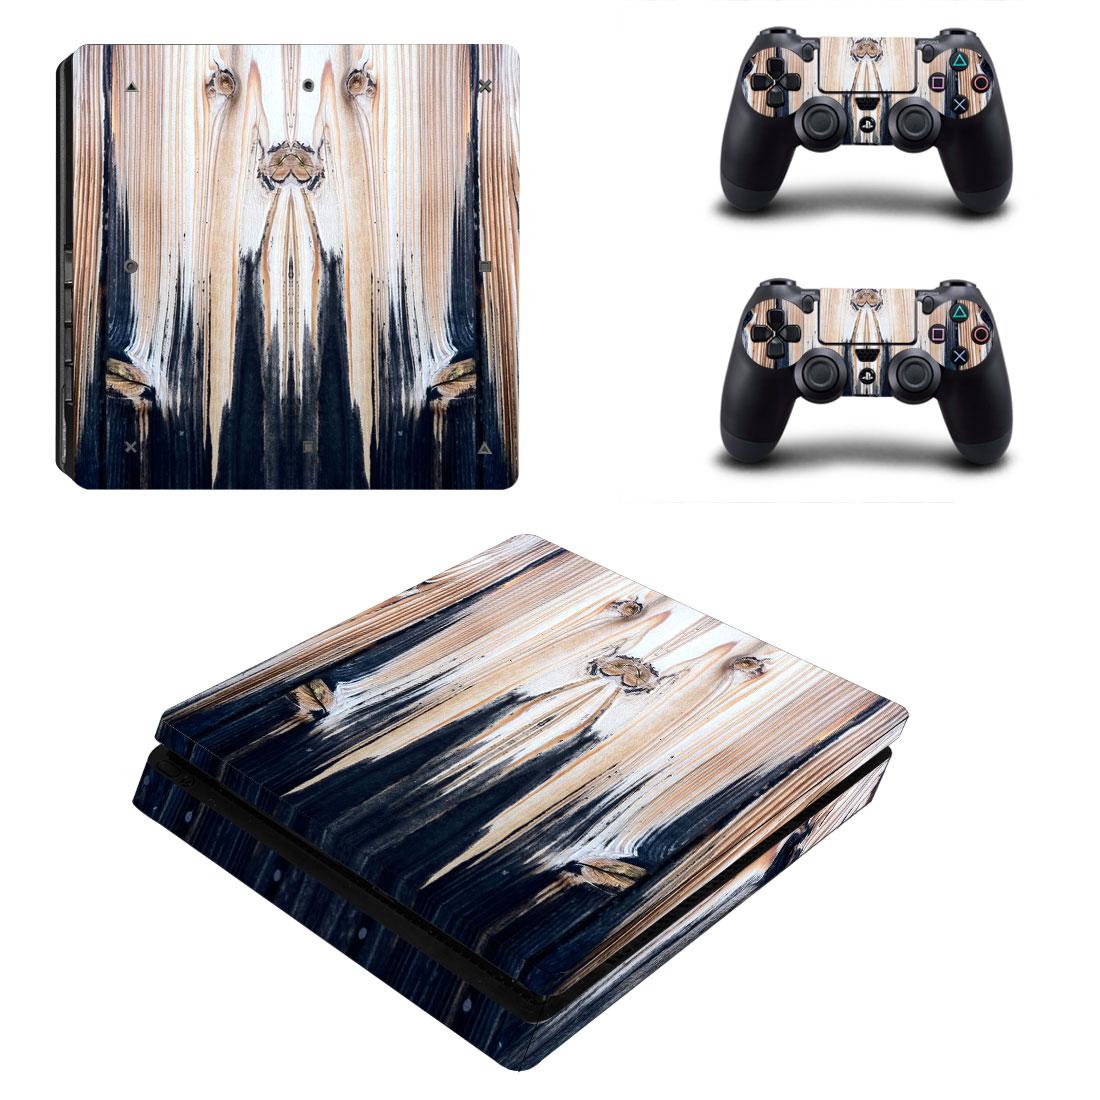 索尼PS4 SLIM贴纸机身贴ps4新版slim痛贴薄机贴膜彩贴送手柄贴59